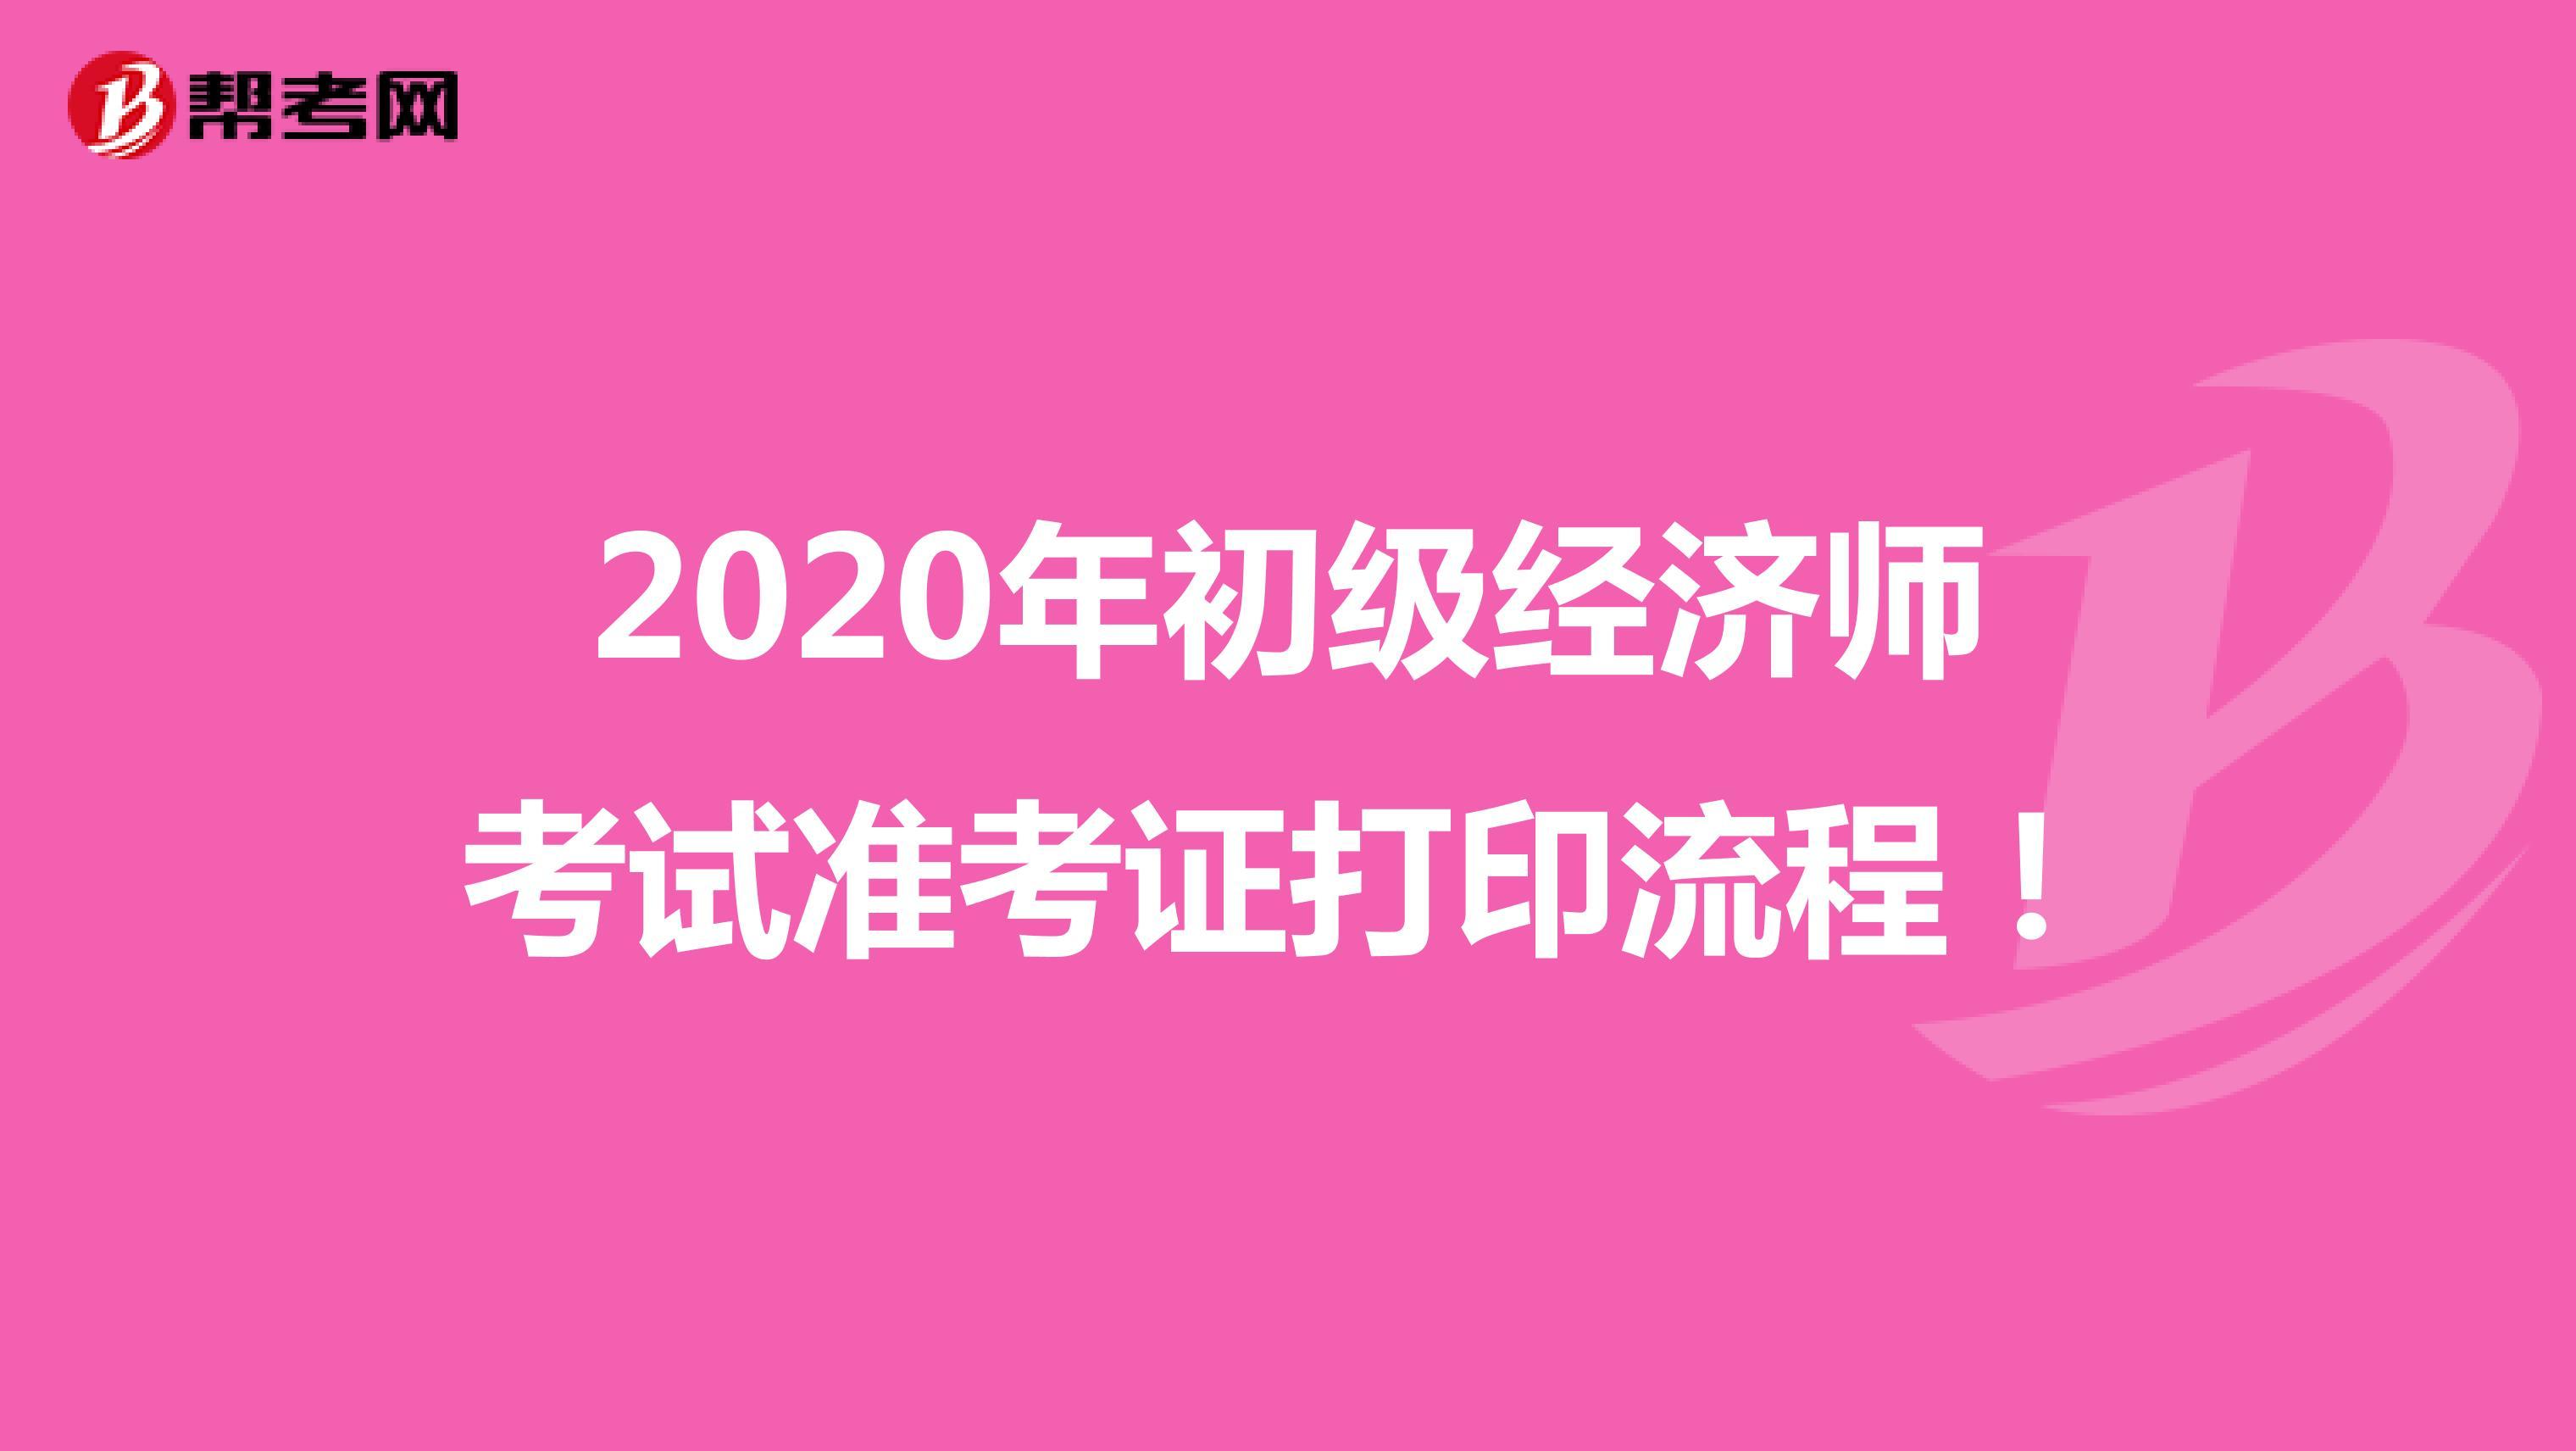 2020年初级经济师考试准考证打印流程!